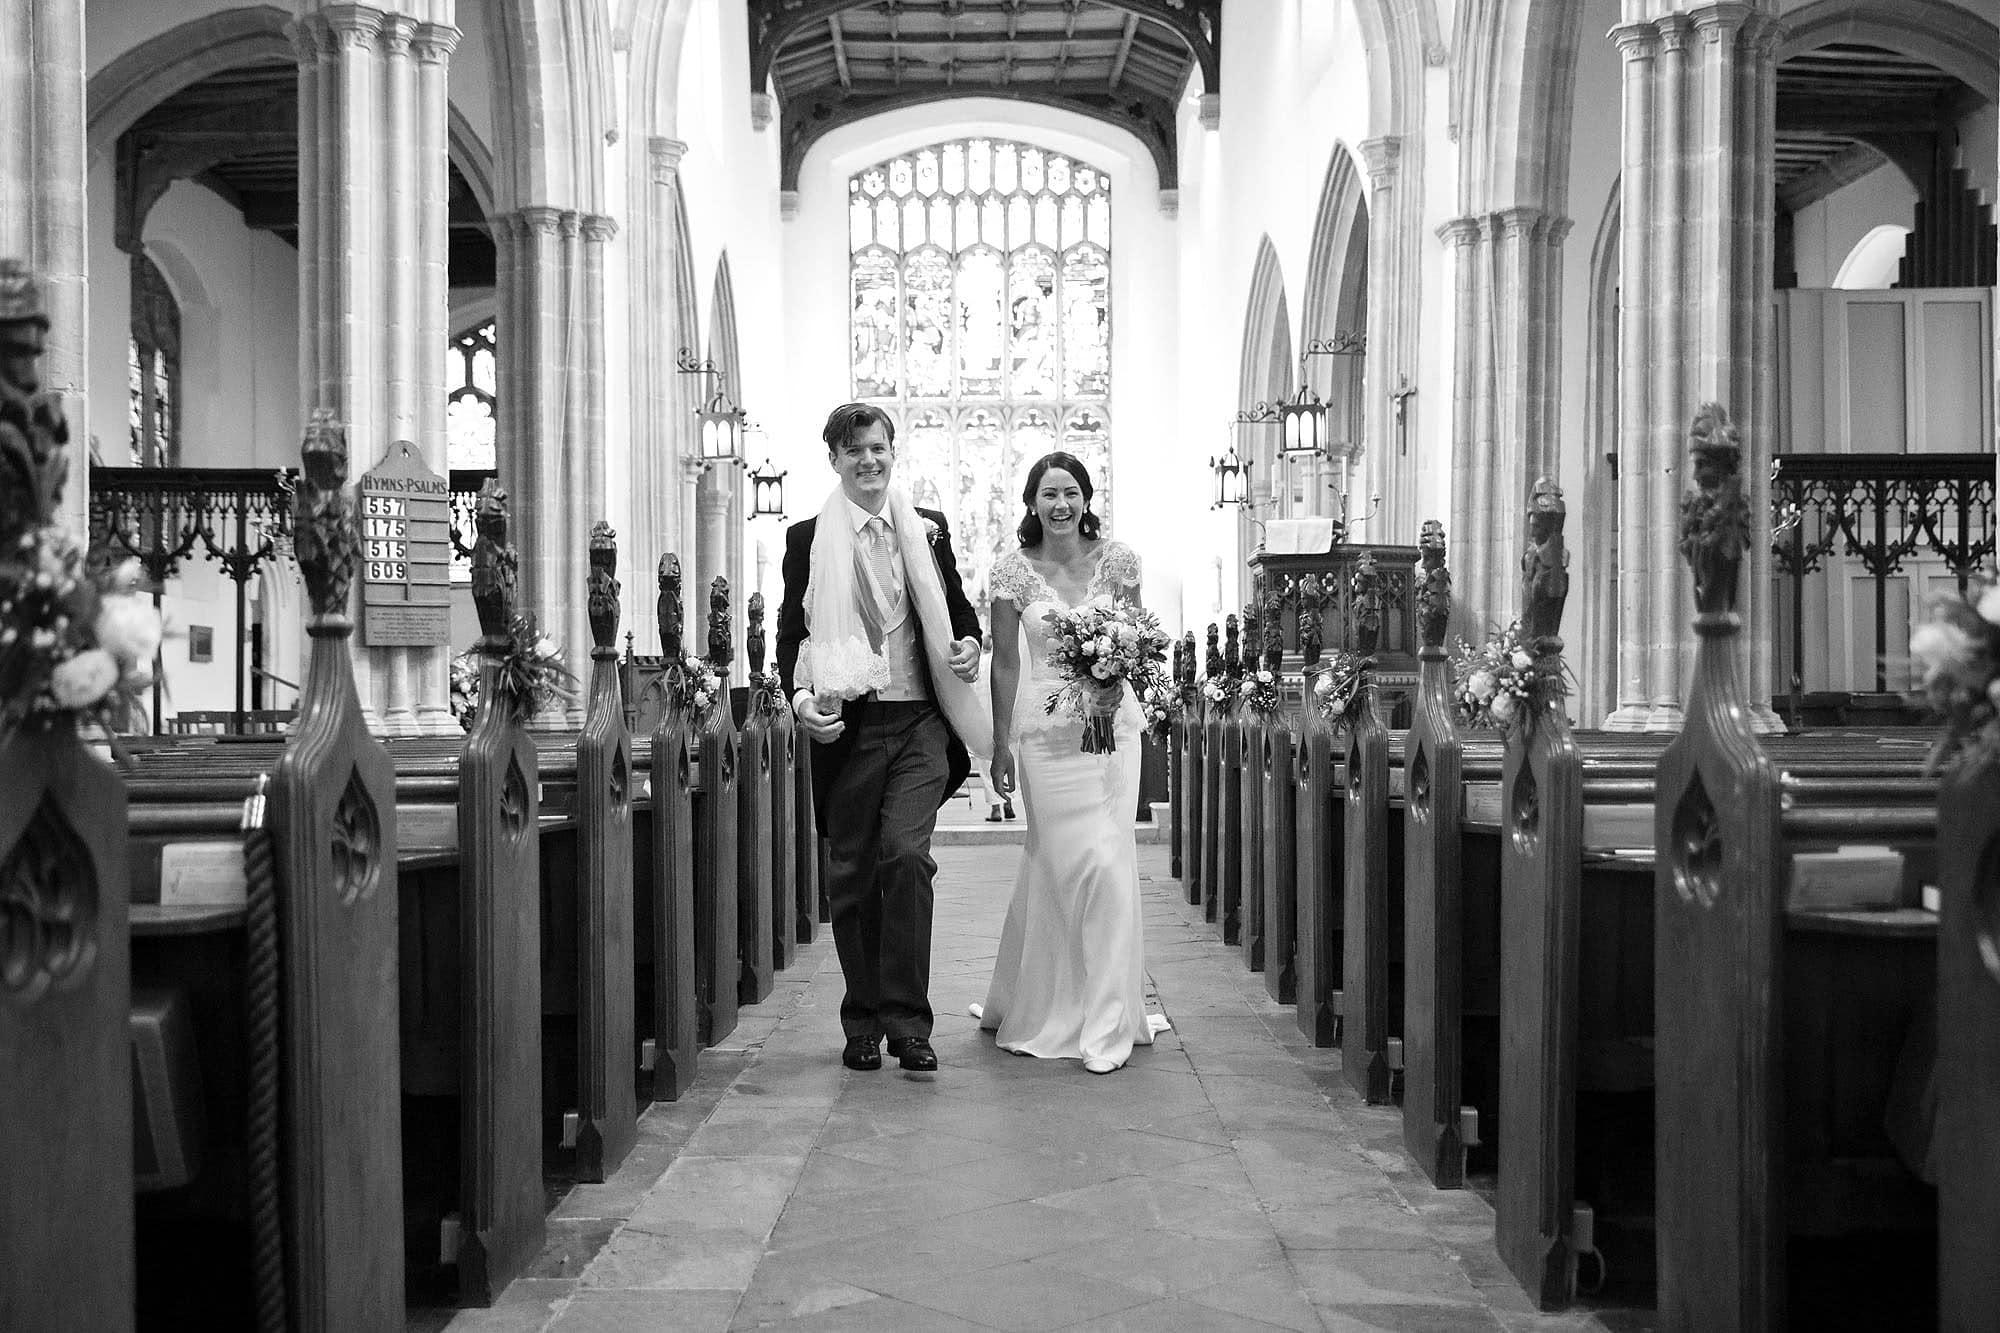 Stoke-by-Nayland Church wedding